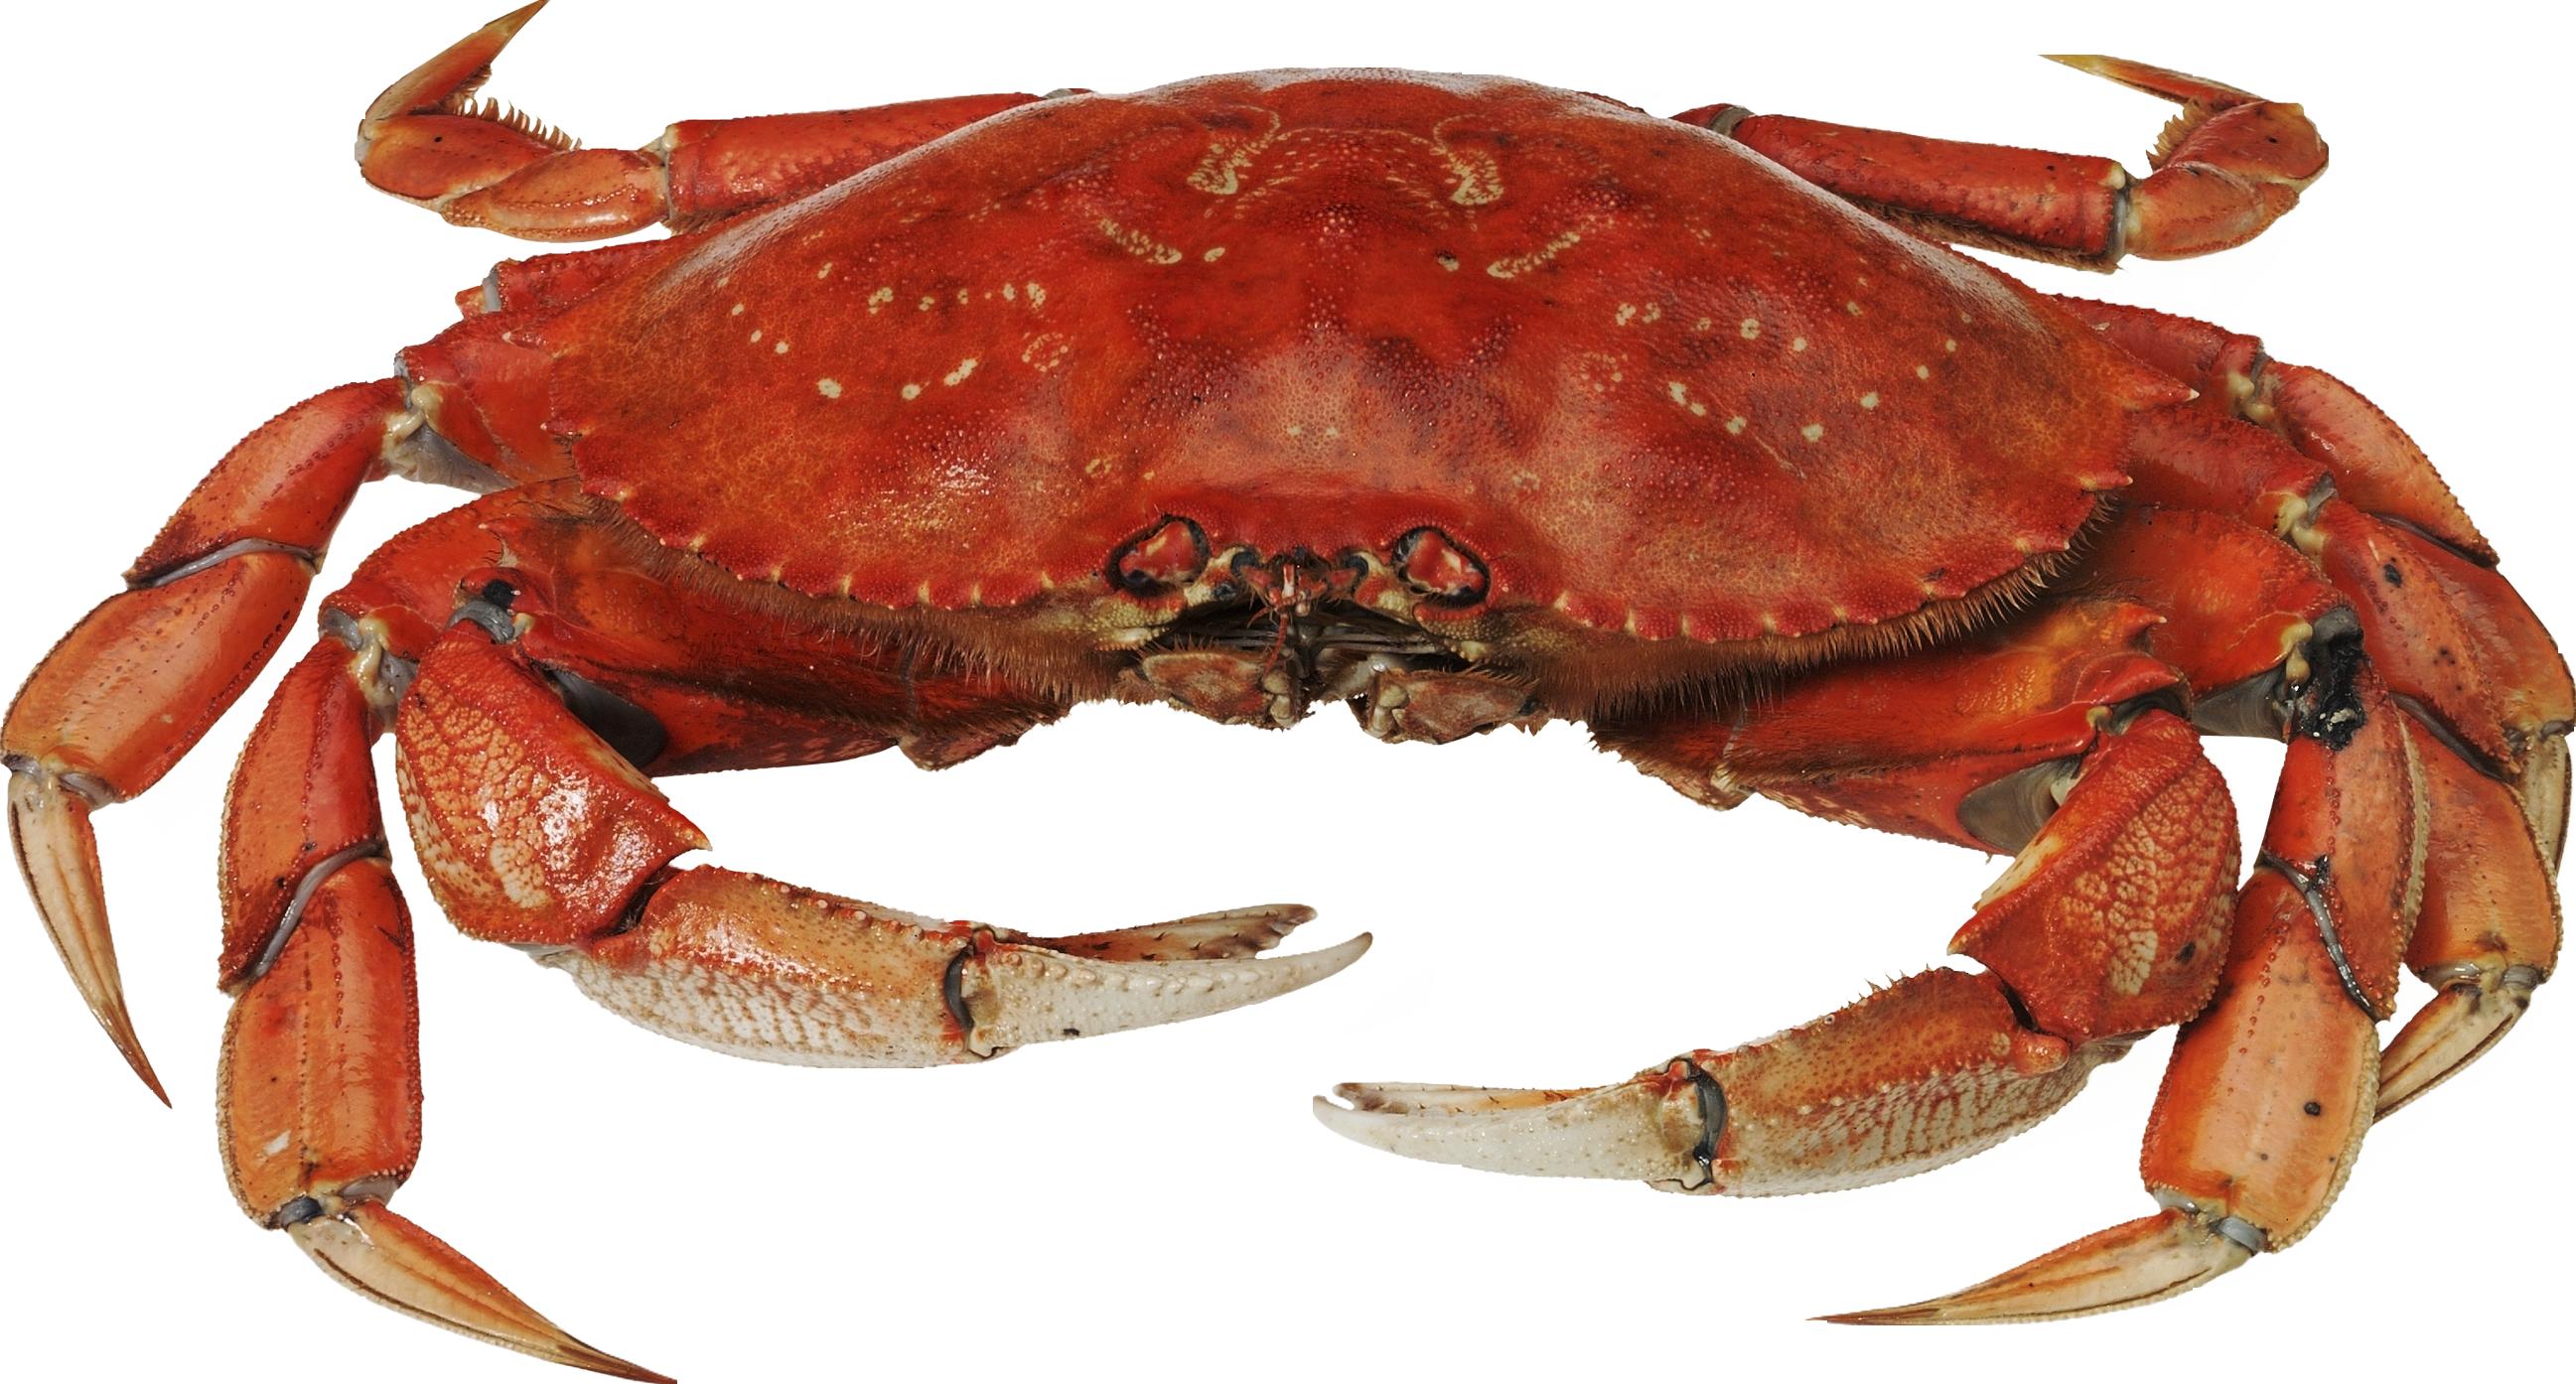 Crab PNG - Crab HD PNG - Crab Image PNG HD